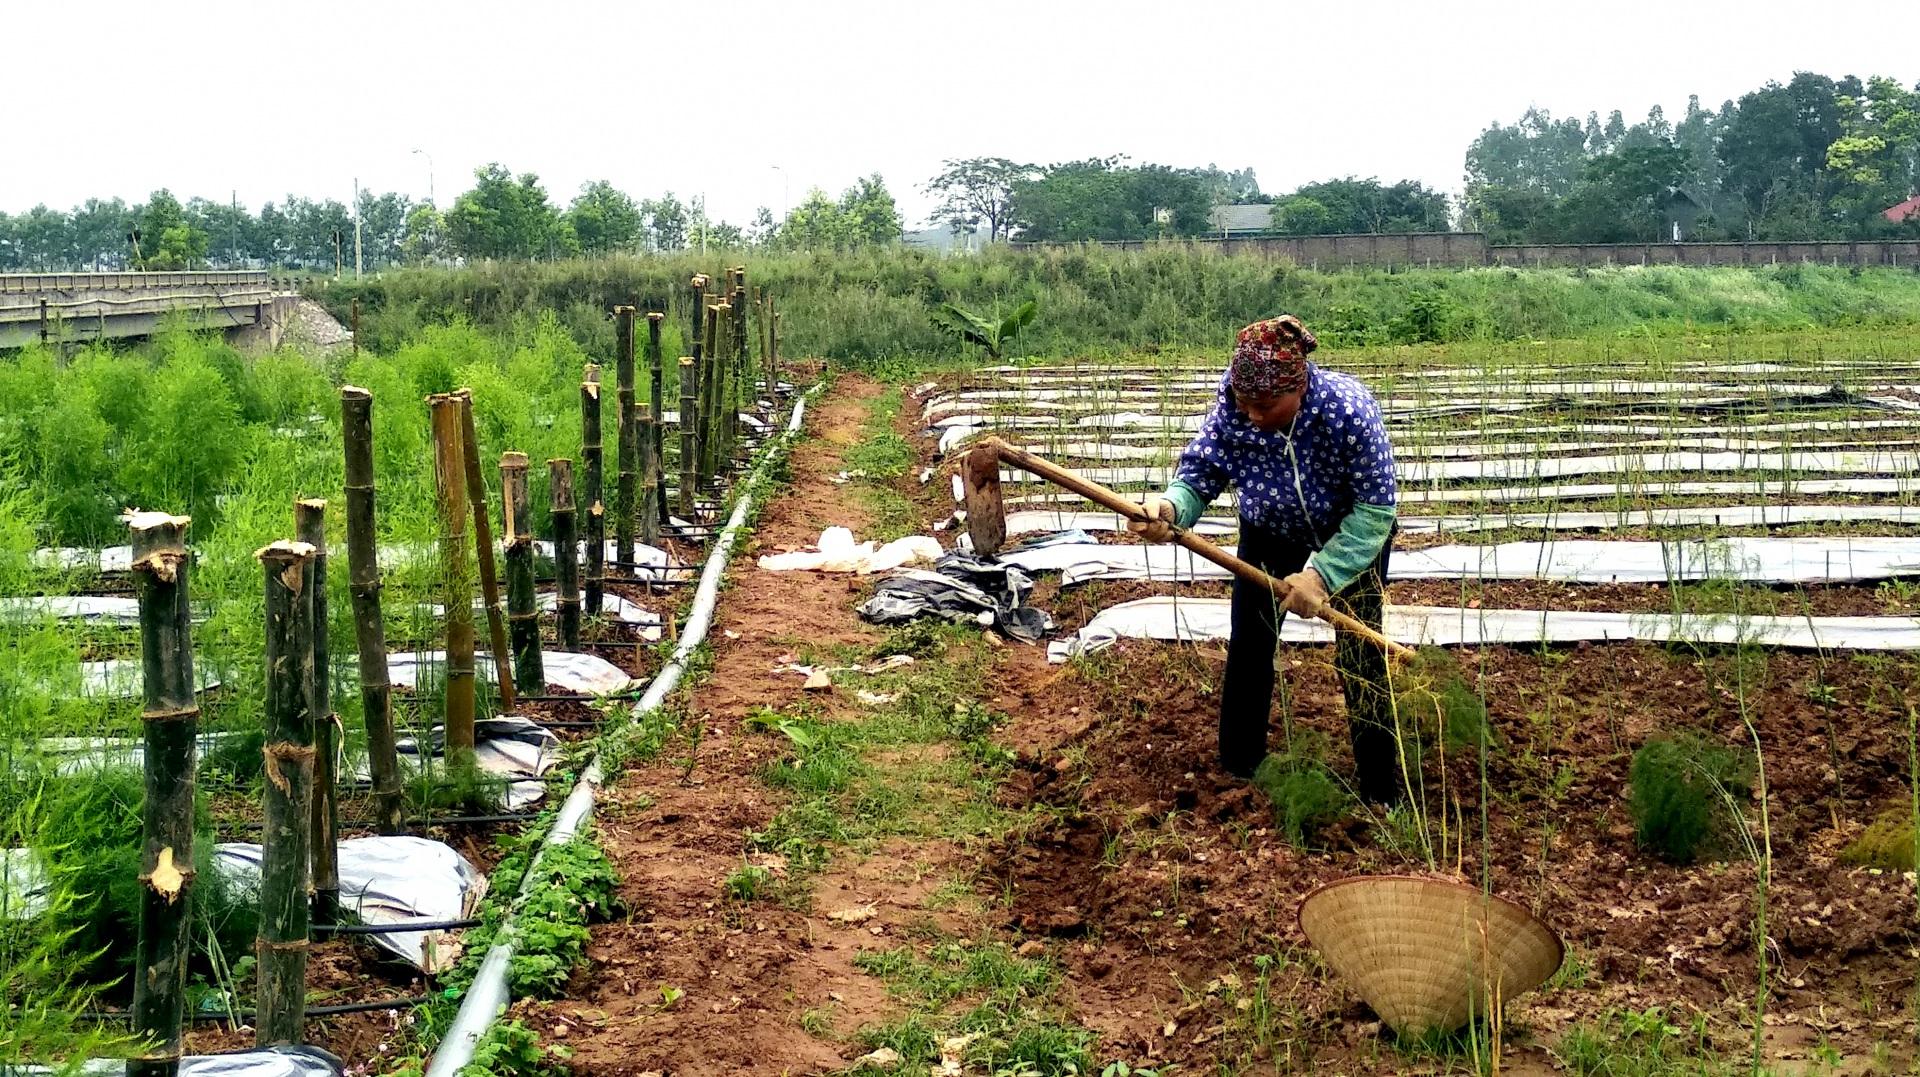 Giải quyết những khó khăn hướng tới một nền nông nghiệp phát triển